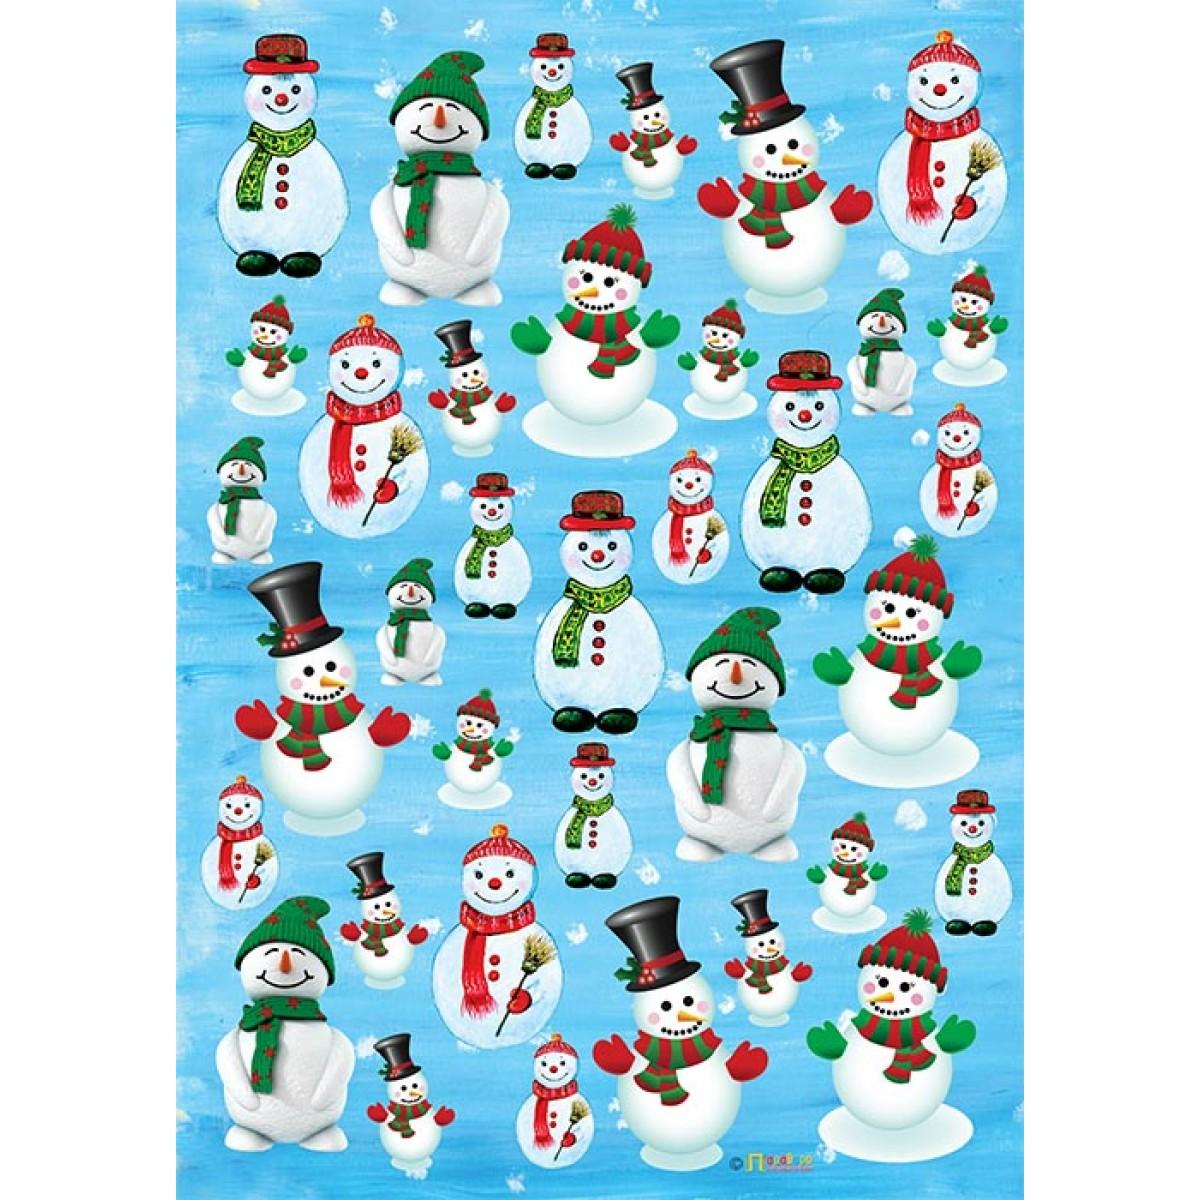 Χαρτόνι Παράθυρο Χιονάνθρωποι